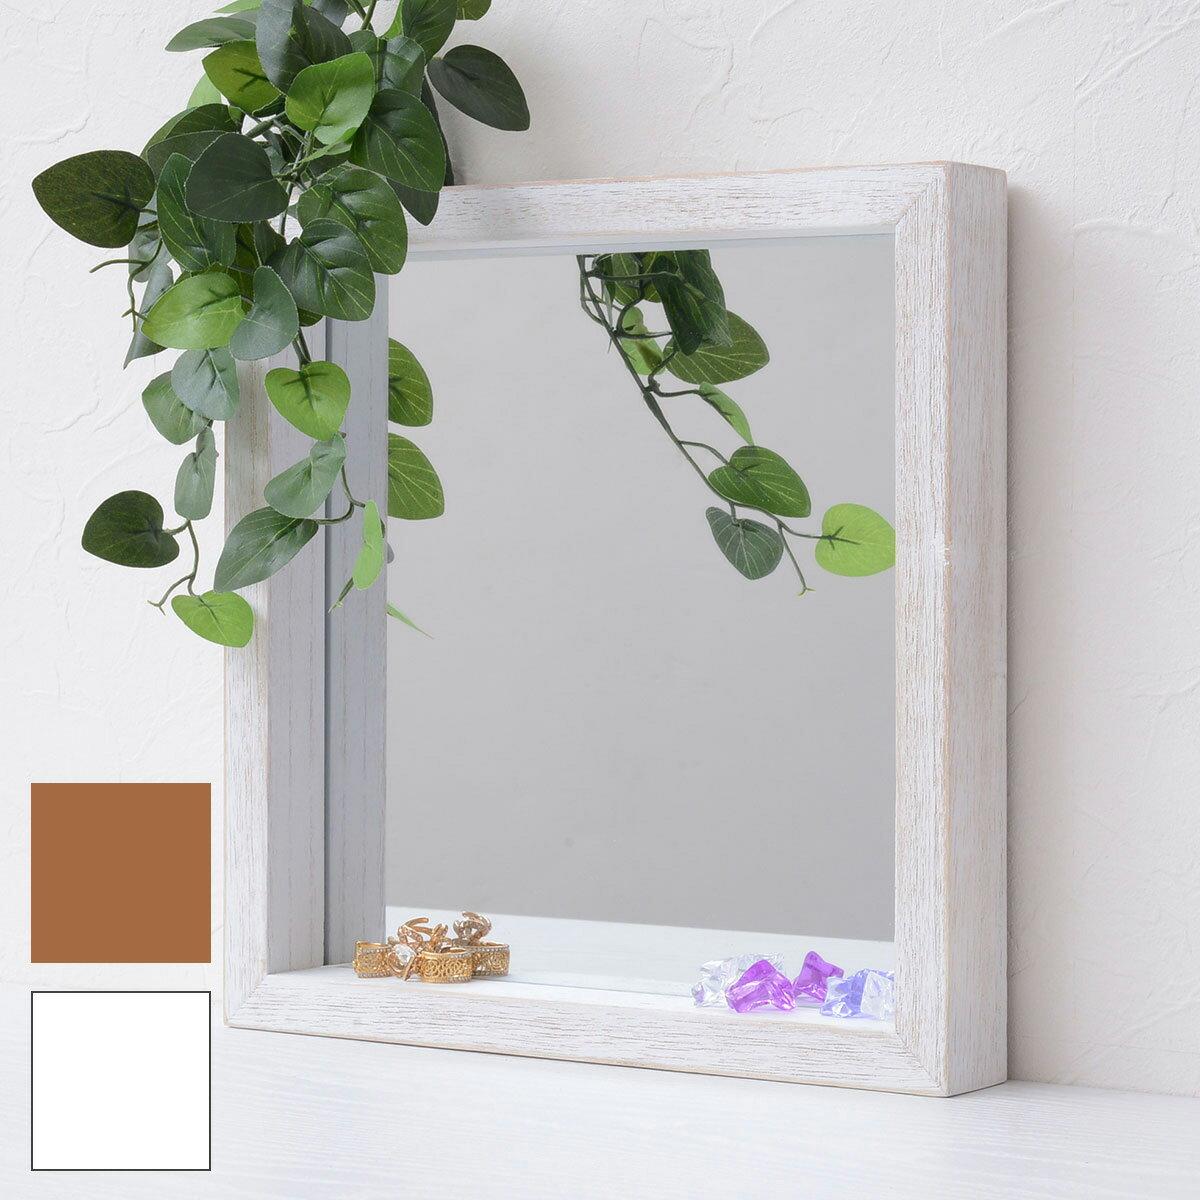 RoomClip商品情報 - 【クーポンで5%OFF】鏡 ミラー アンティーク ボックスミラー ANTE アンテ 天然木 北欧 シンプル おしゃれ ブラウン ホワイト 幅30 正方形